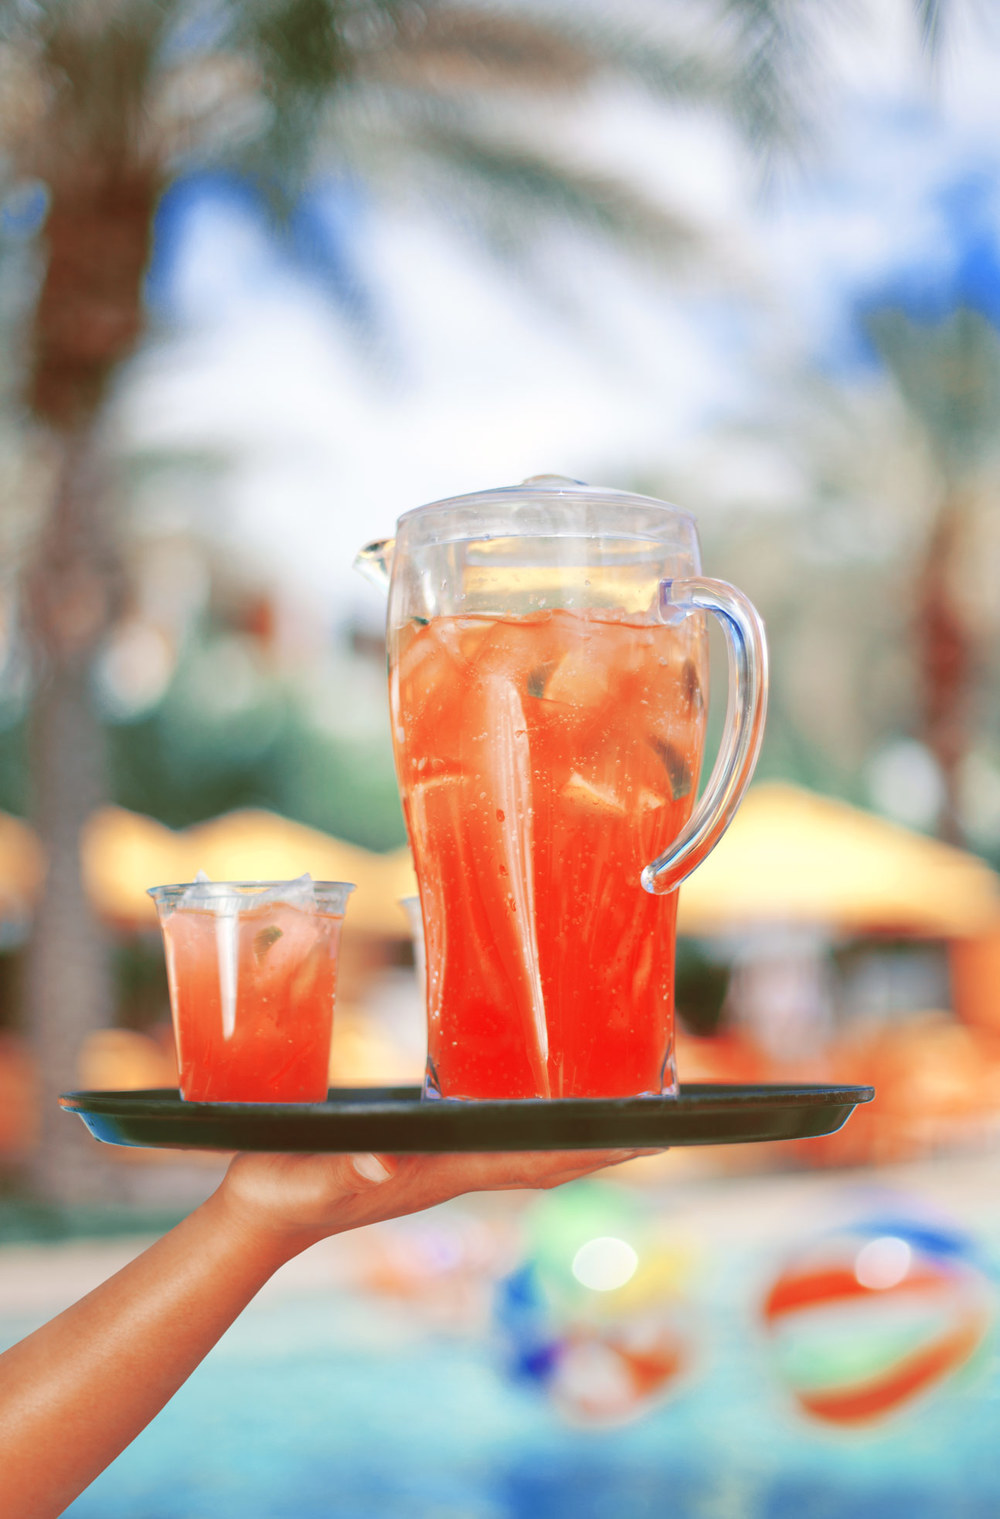 The Saguaro poolside drinks